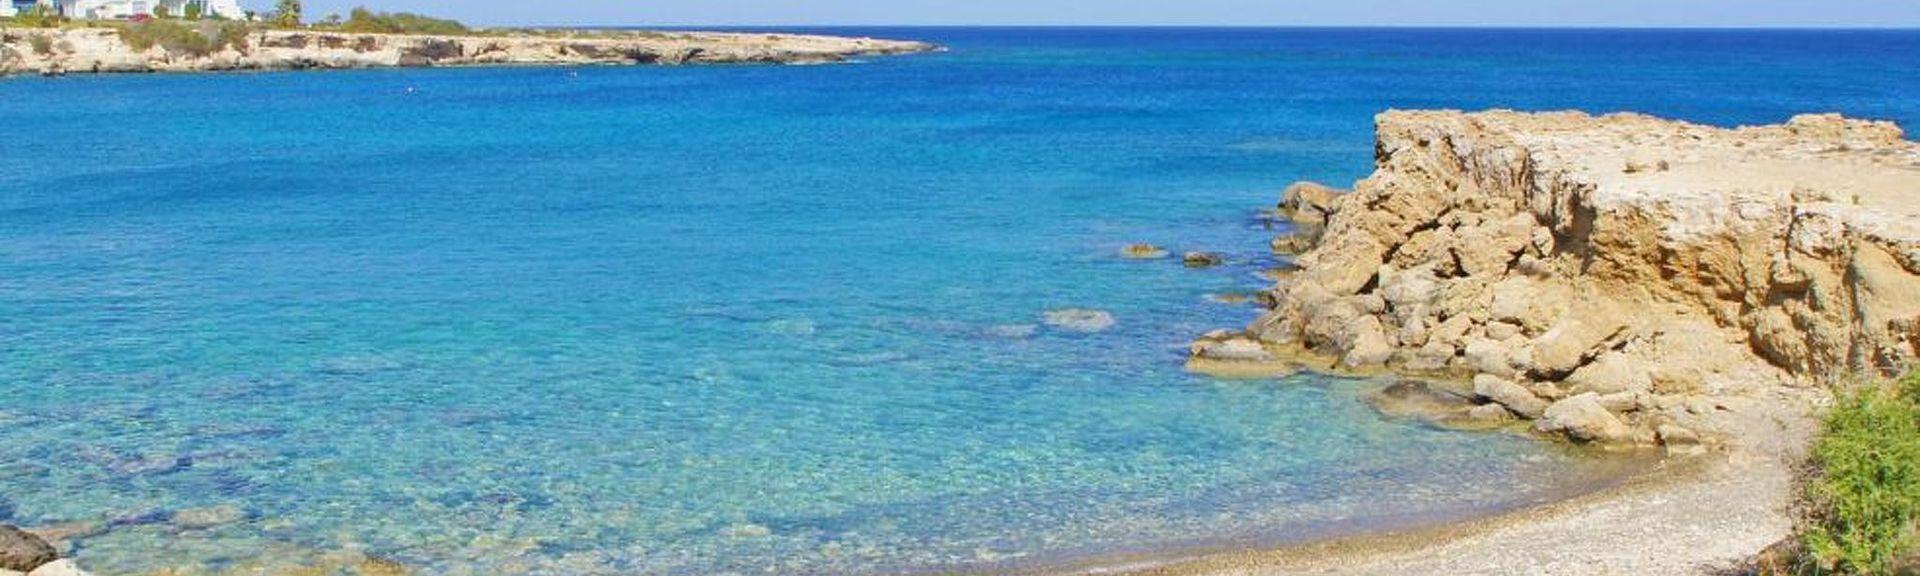 Ατόπετρες, Πρωταράς, Αμμόχωστος, Cyprus